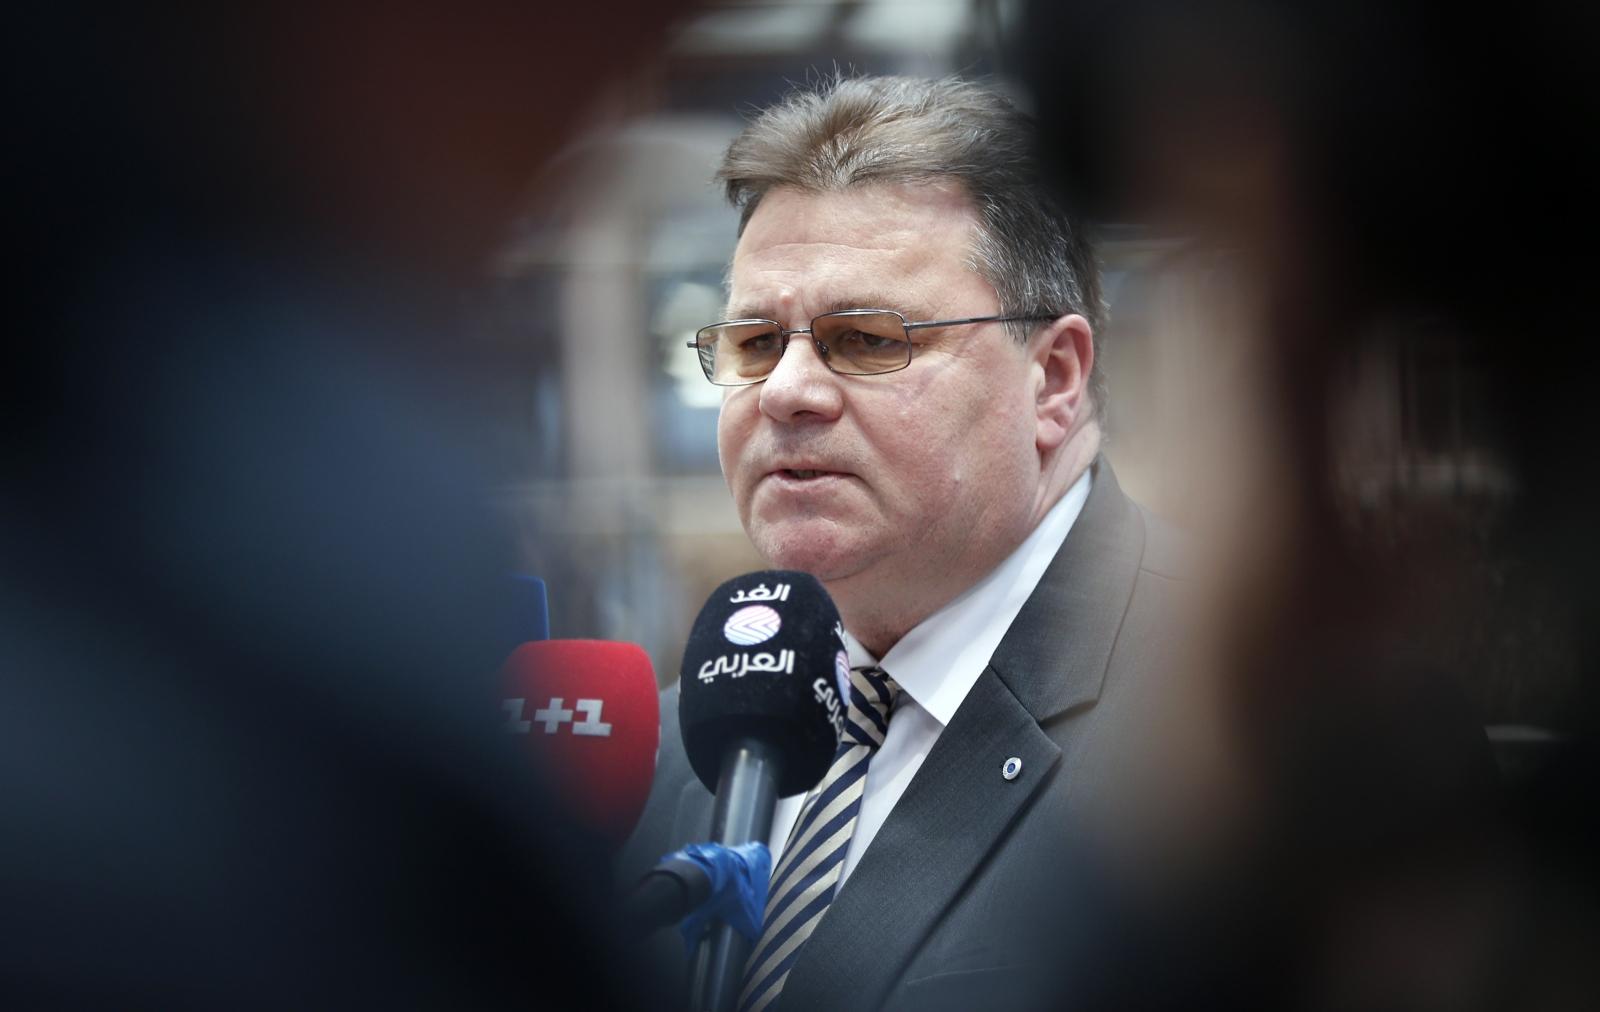 Lithuanias Foreign Minister Linas Linkevicius